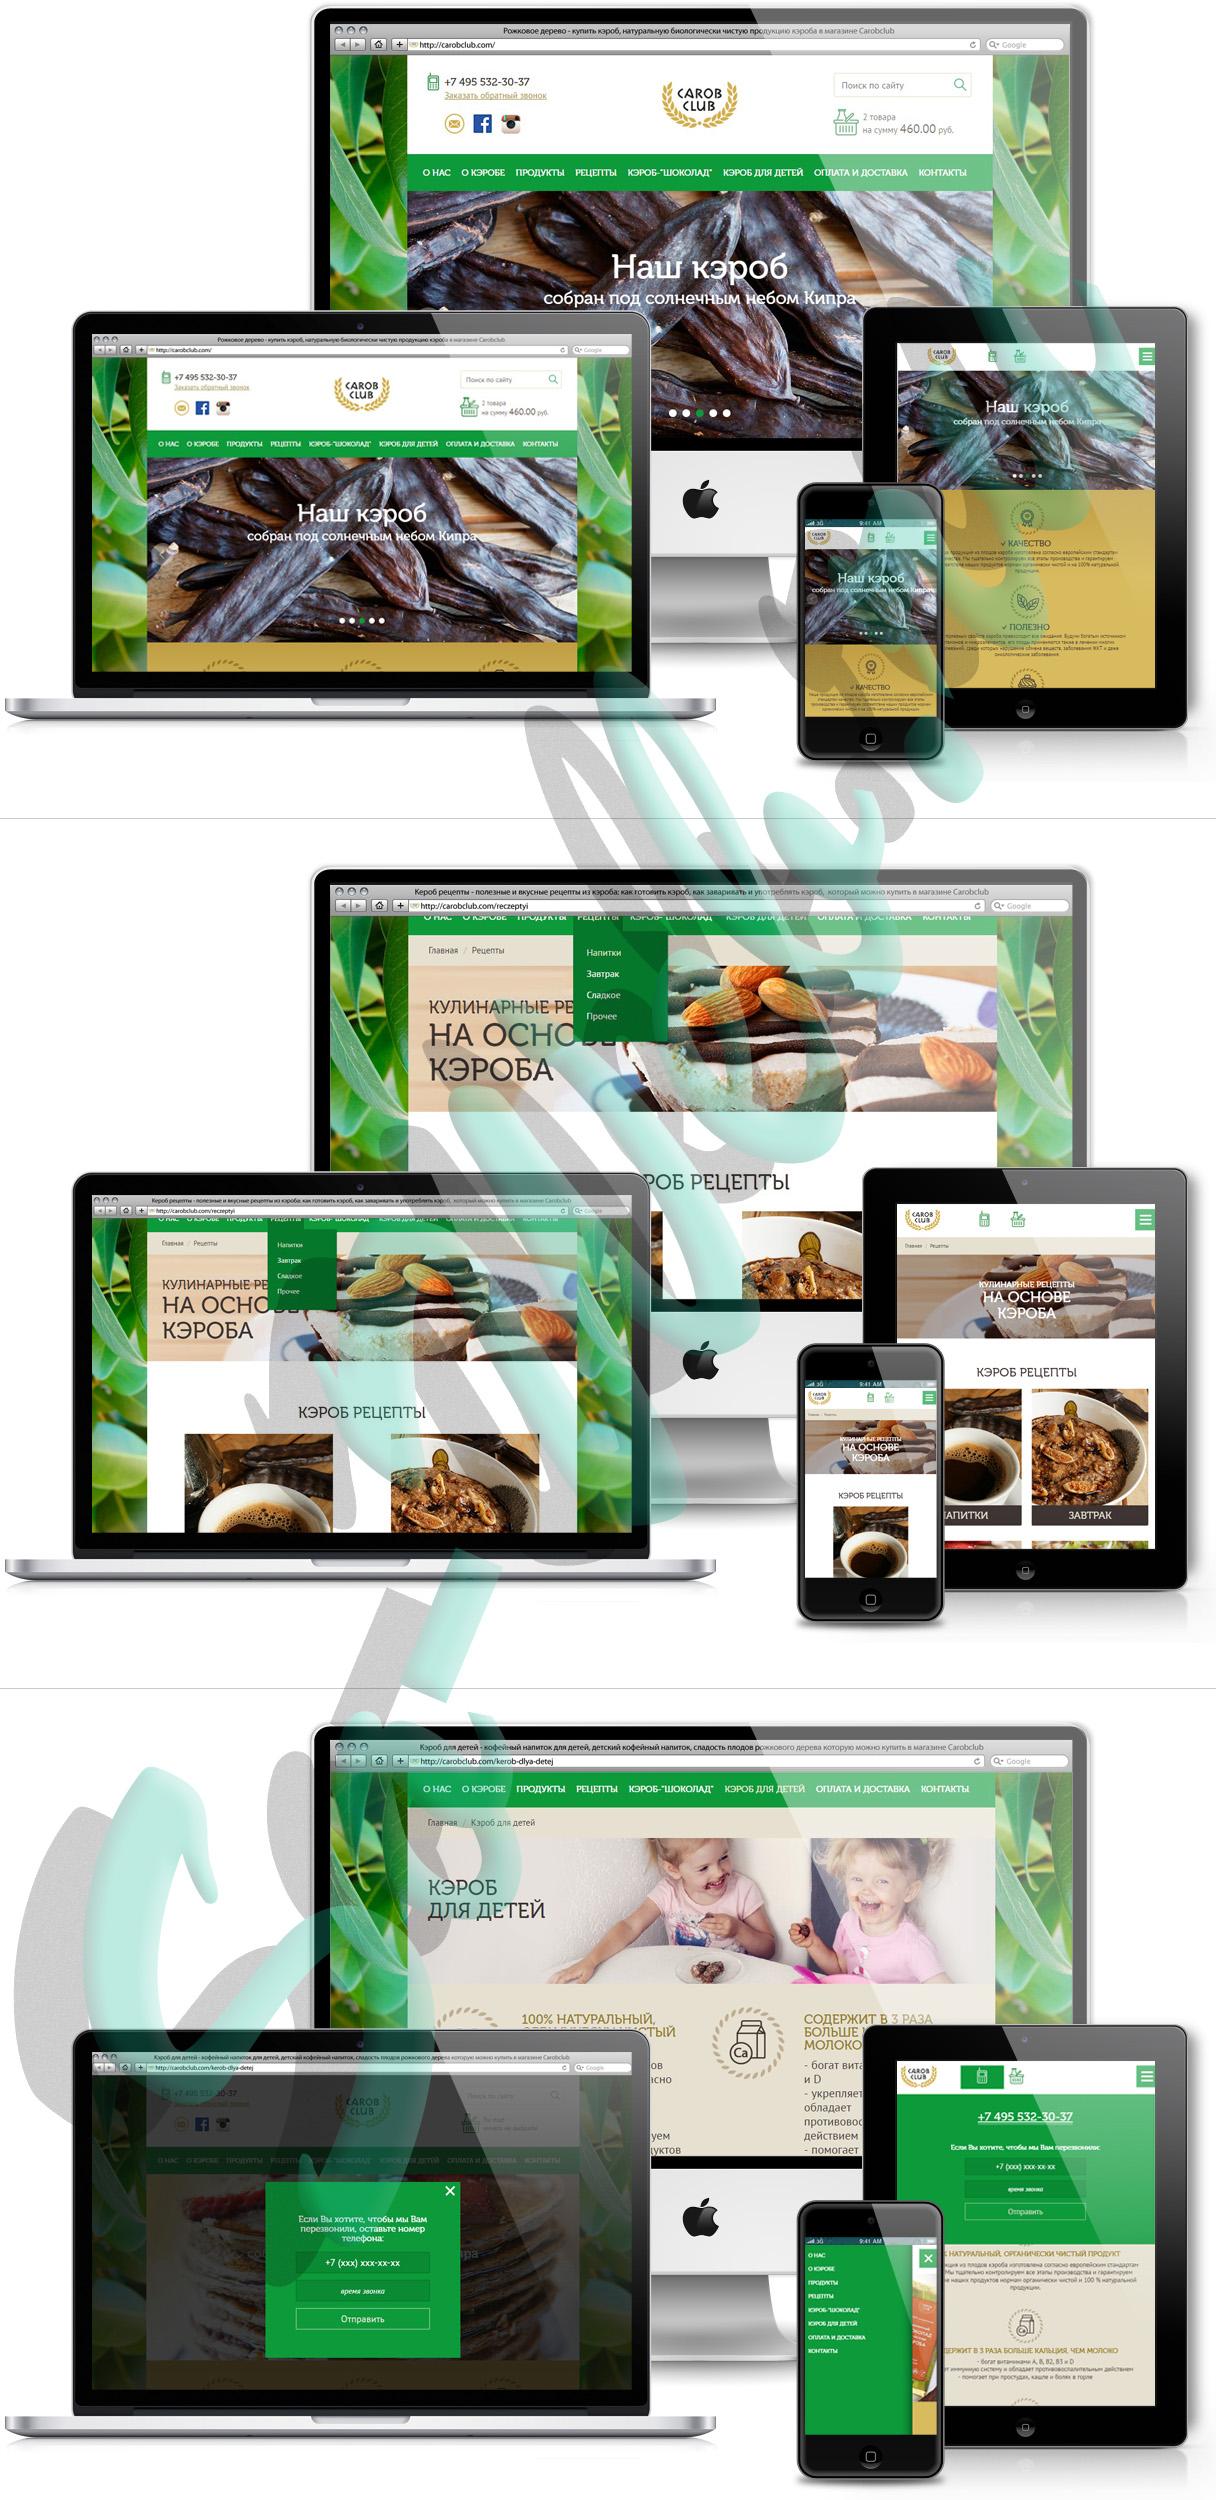 Адаптивная верстка из PSD в HTML для сайта-каталога продуктов из кэроба